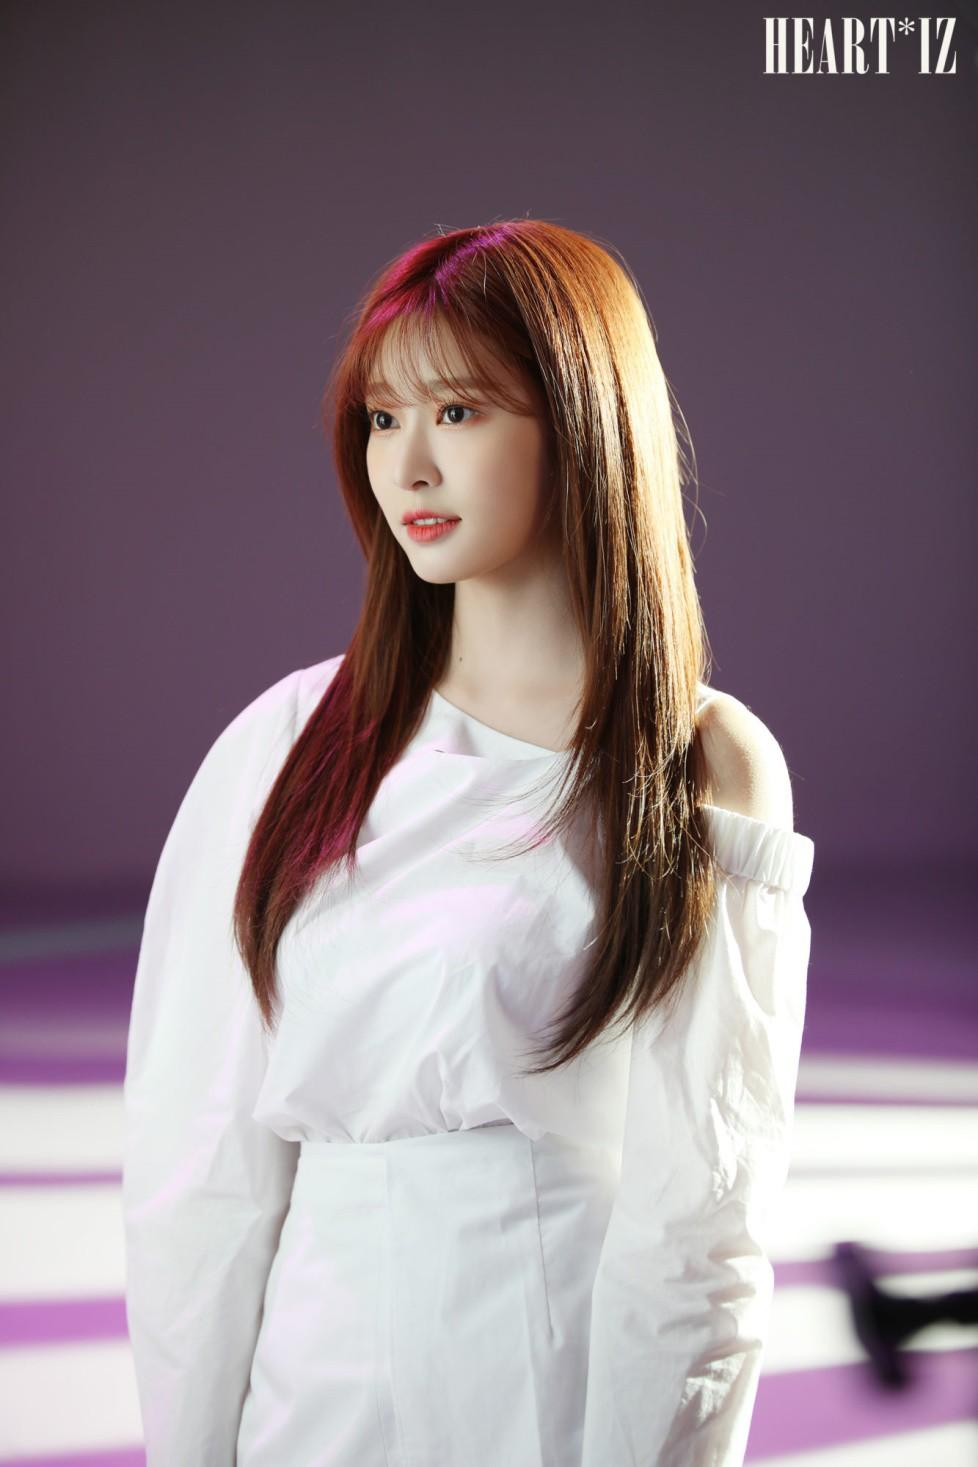 Sao nữ Hàn gây chú ý nhờ đạt đỉnh cao nhan sắc qua những lần tái xuất thần thánh - Ảnh 21.